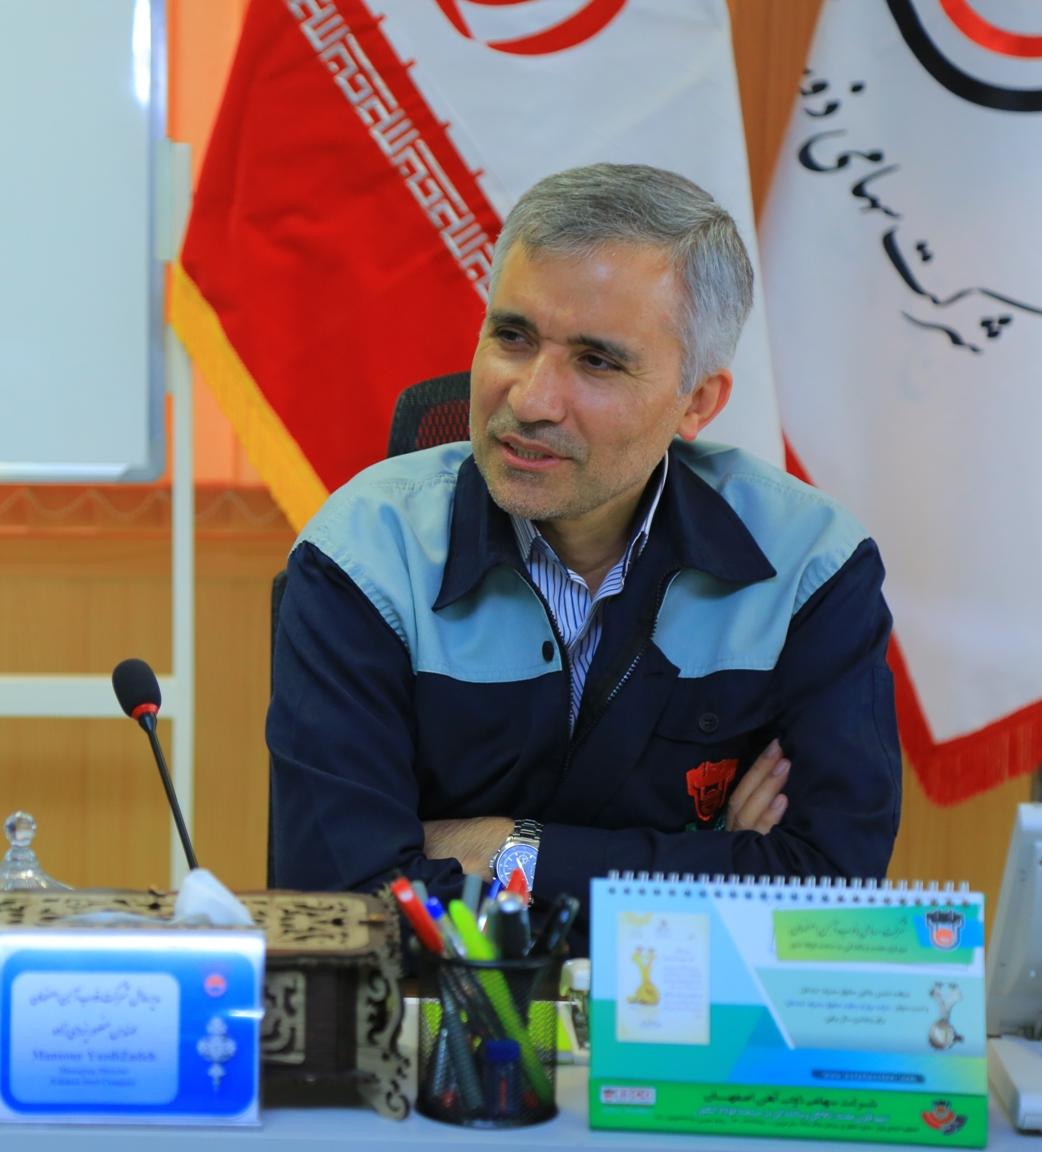 رکوردهای ذوب آهن اصفهان در تولید ، فروش و صادرات درسال ۱۳۹۸